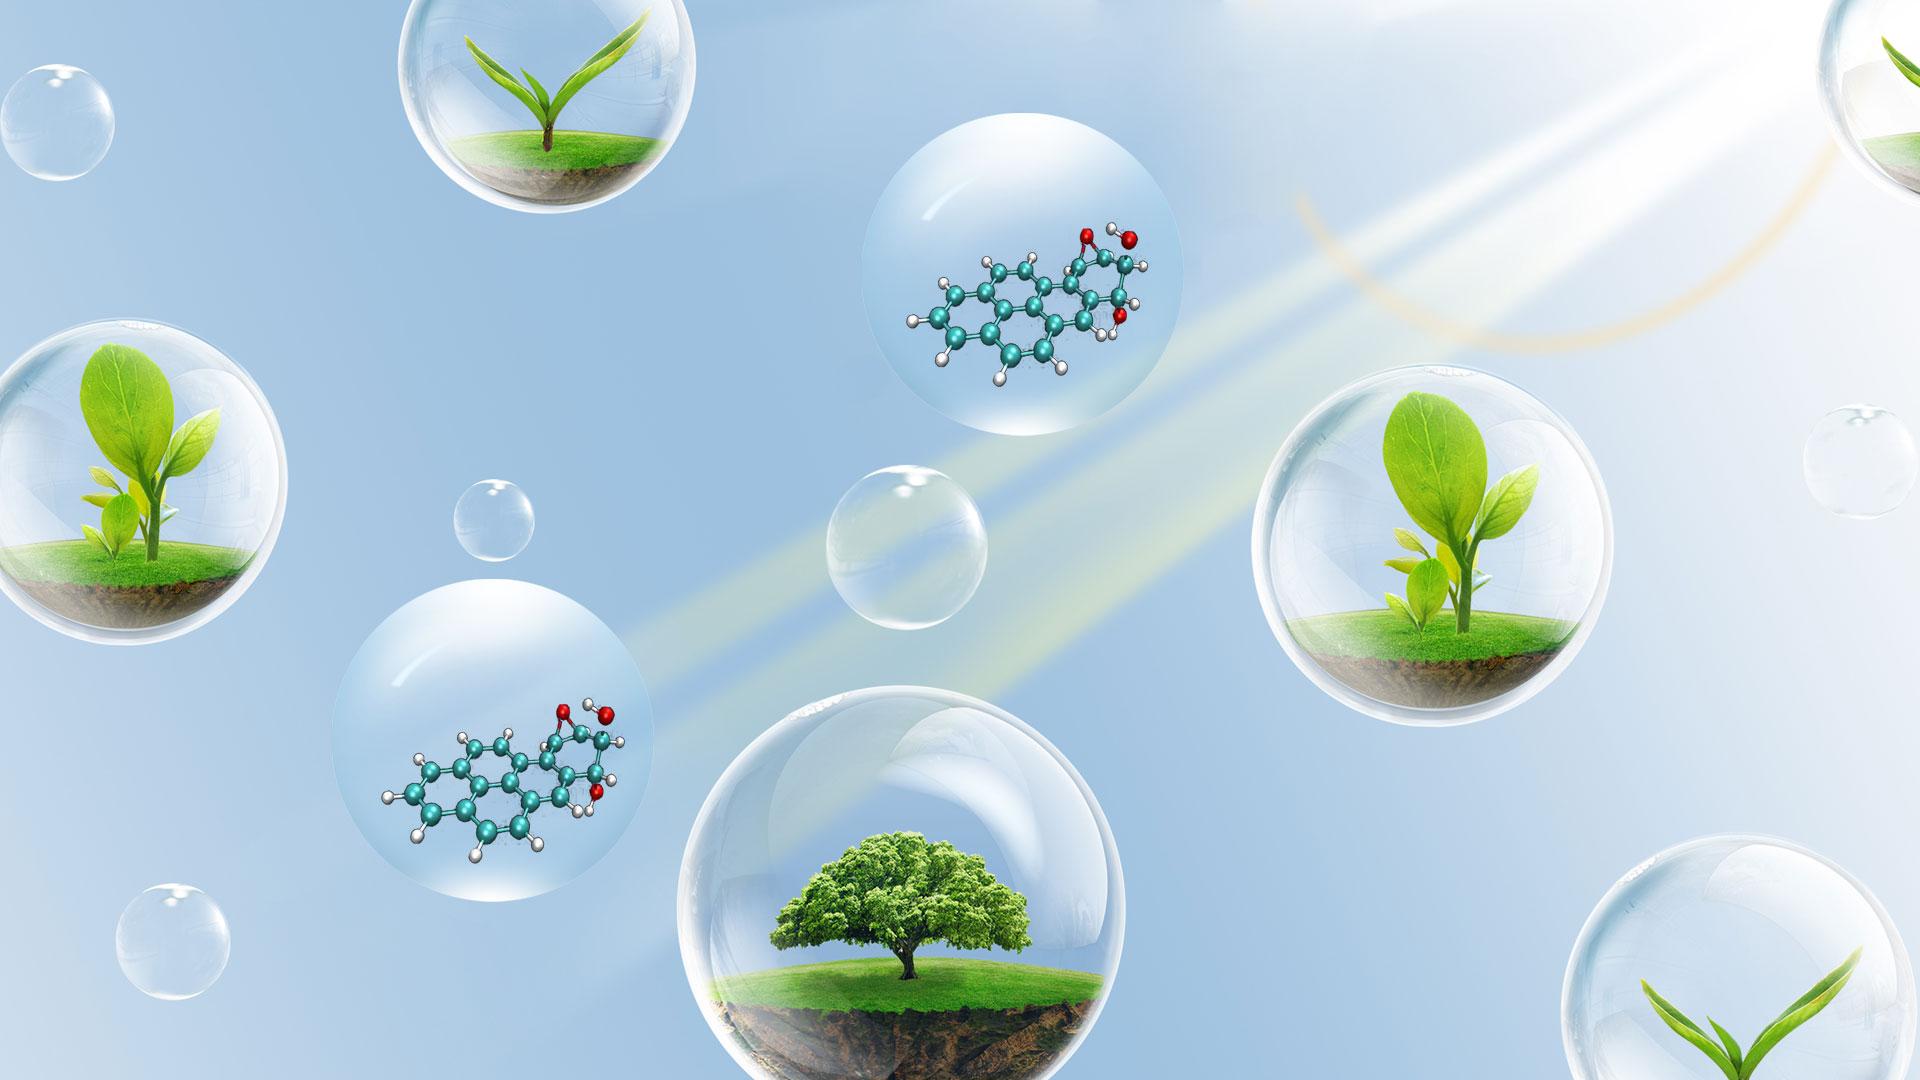 土壤中多环芳烃的检测以及重金属污染与修复研讨会-直播-www.bzwz.com国家标准物质网